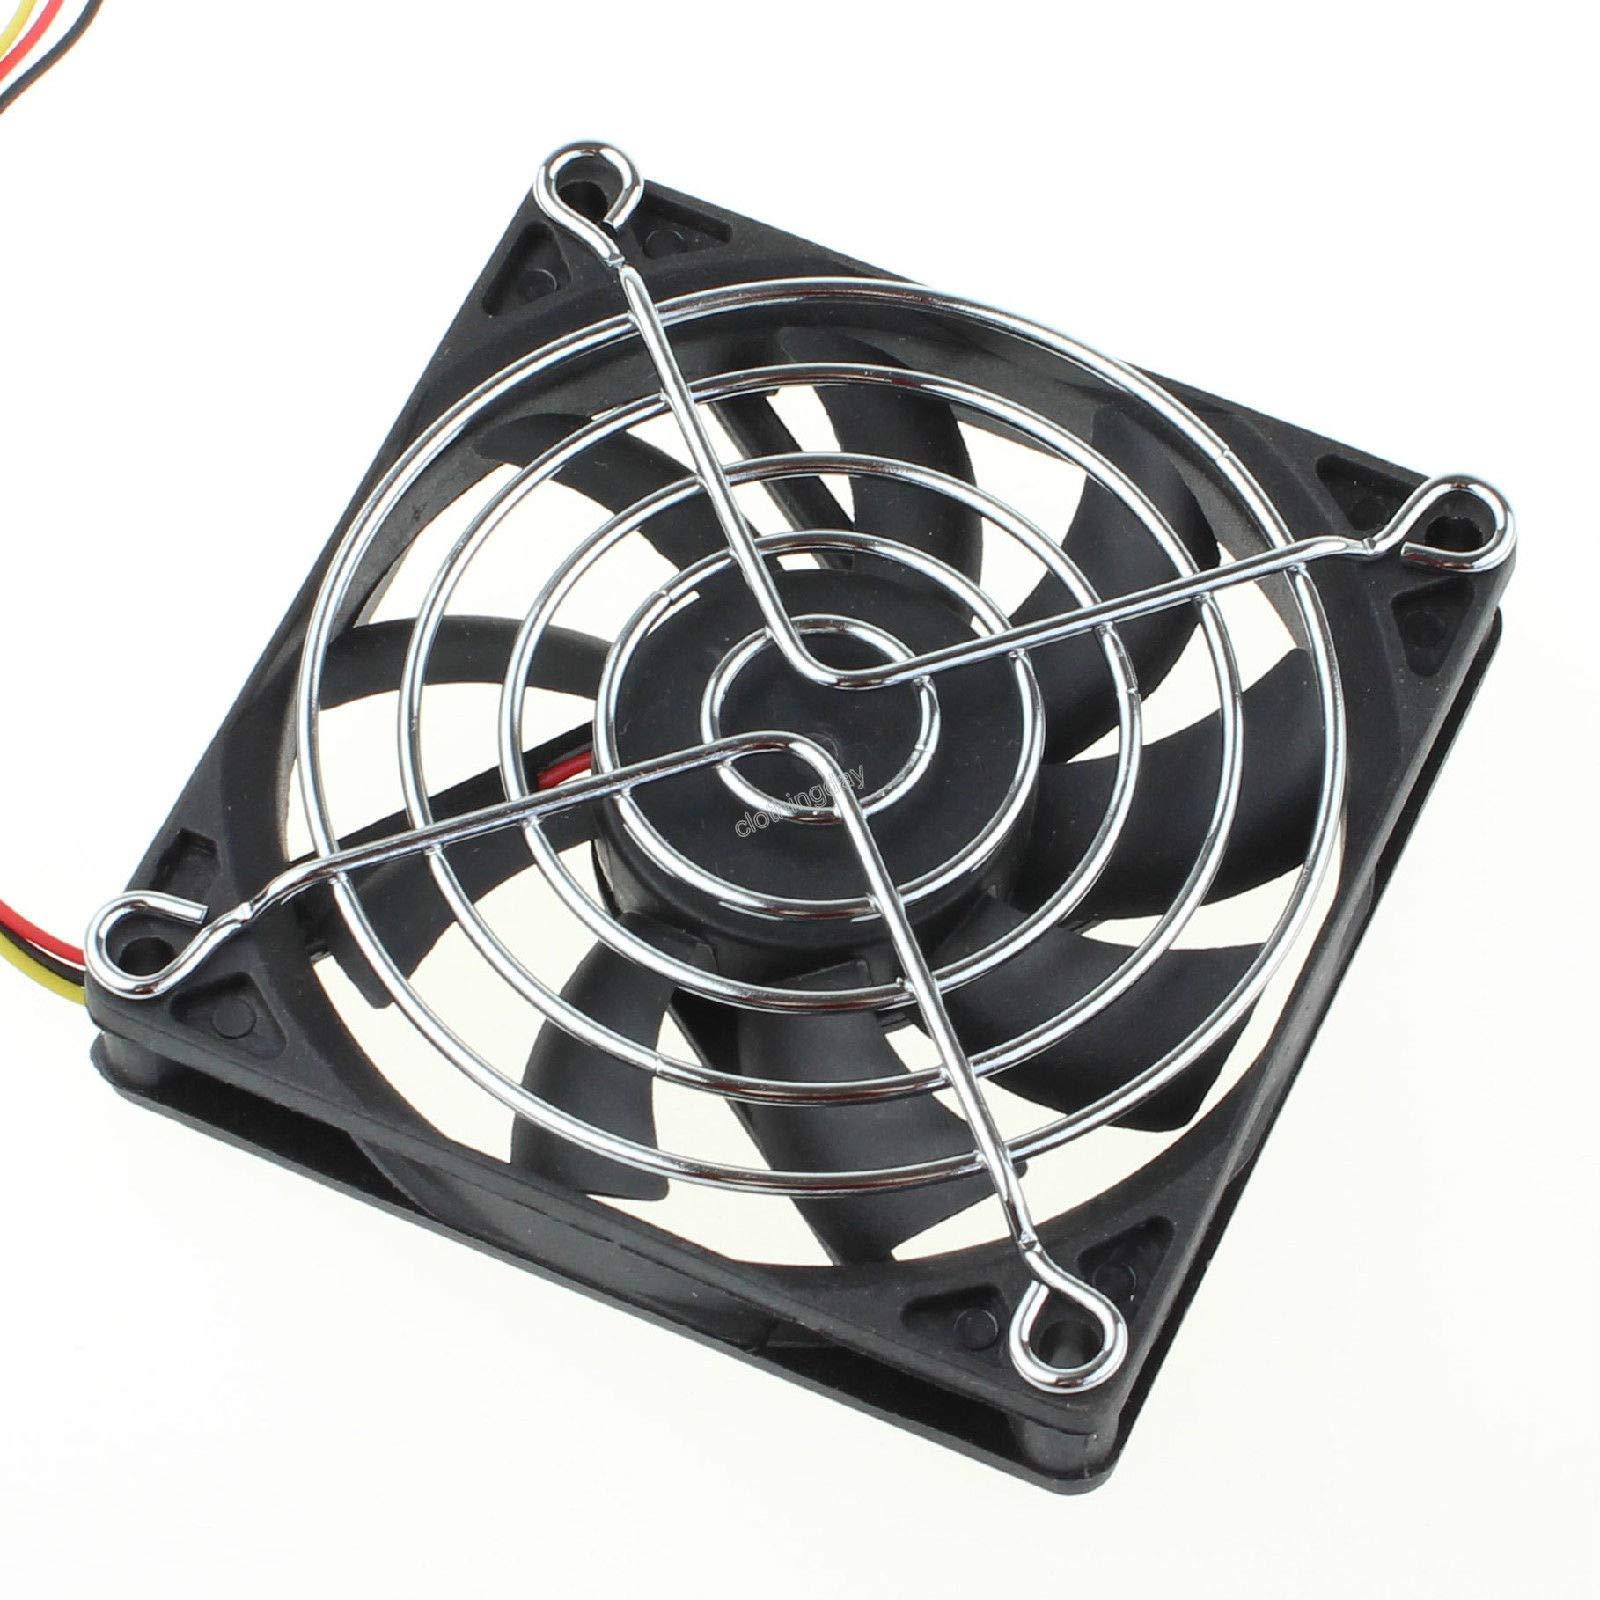 FidgetFidget 100pcs Metal Wire 80mm 8cm Fan Protector Finger Guard Grill Case Net